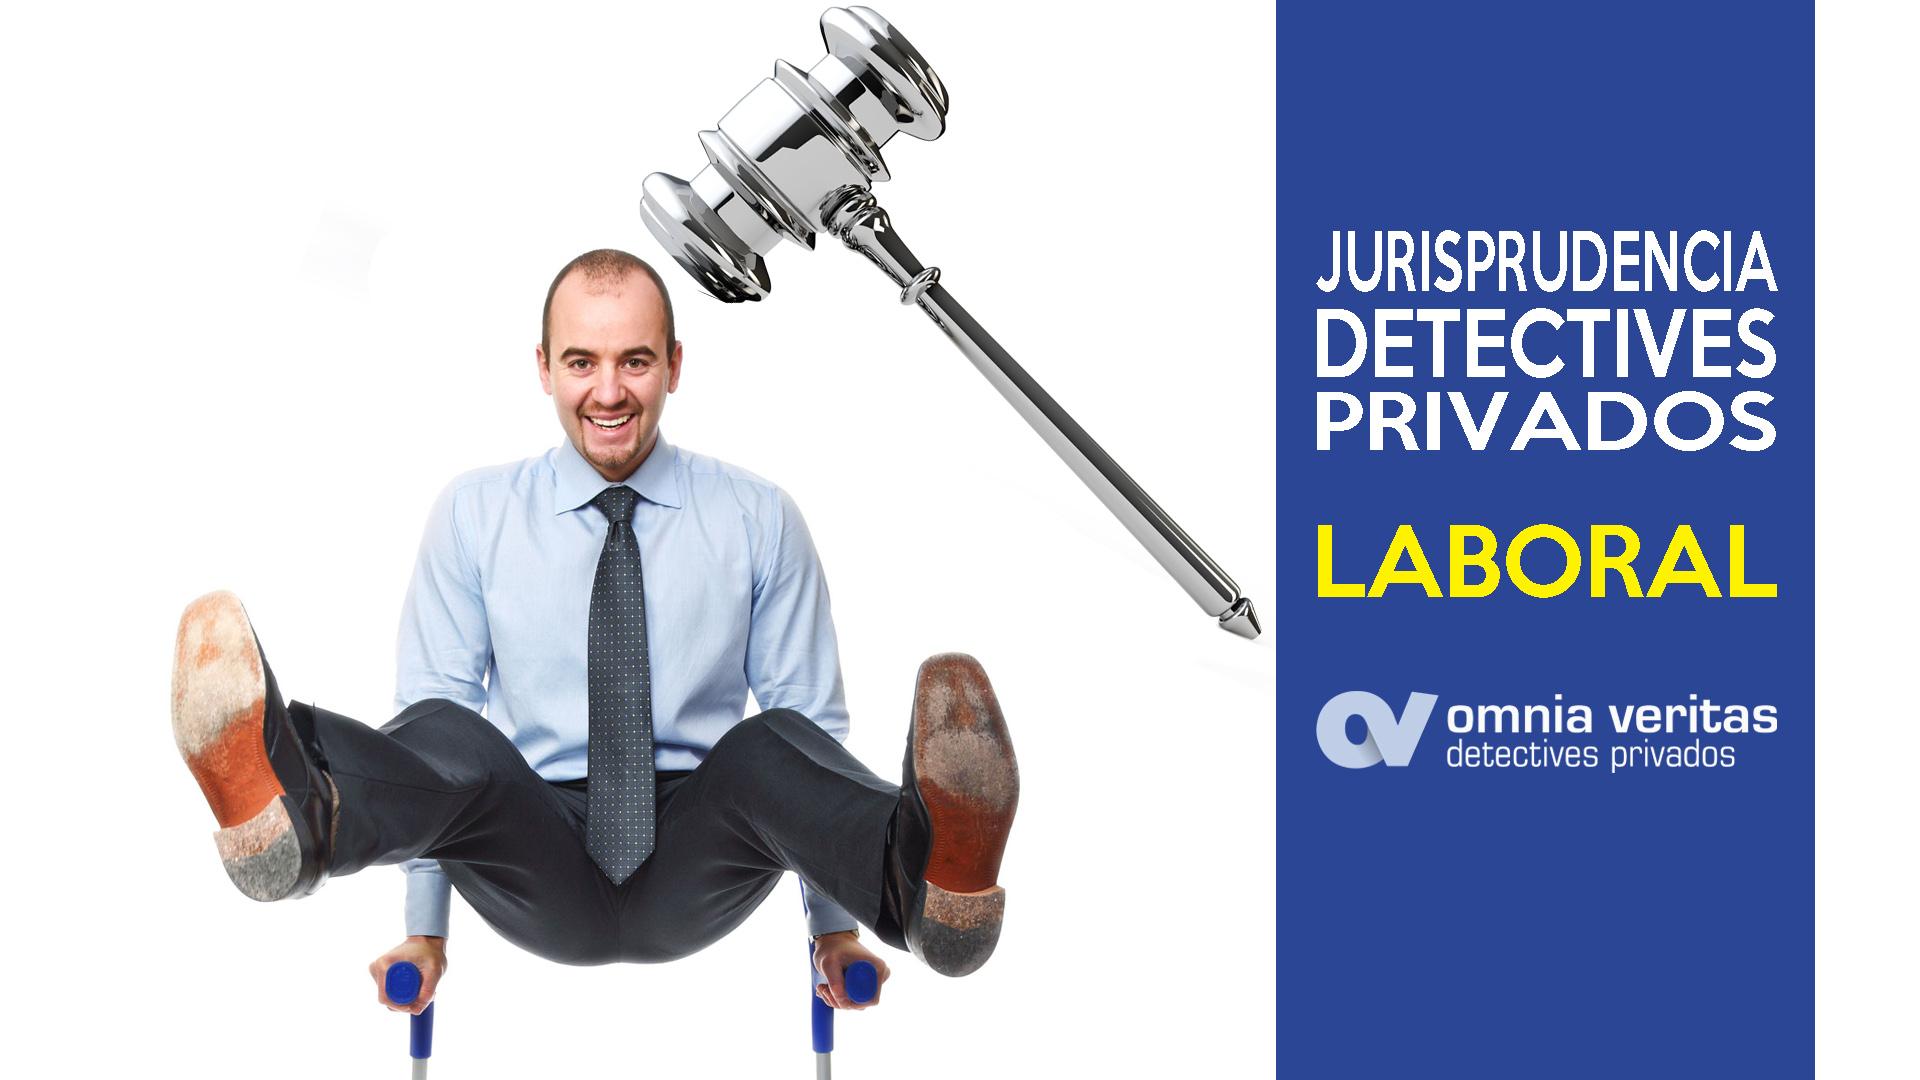 Jurisprudencia Laboral Detectives Privados